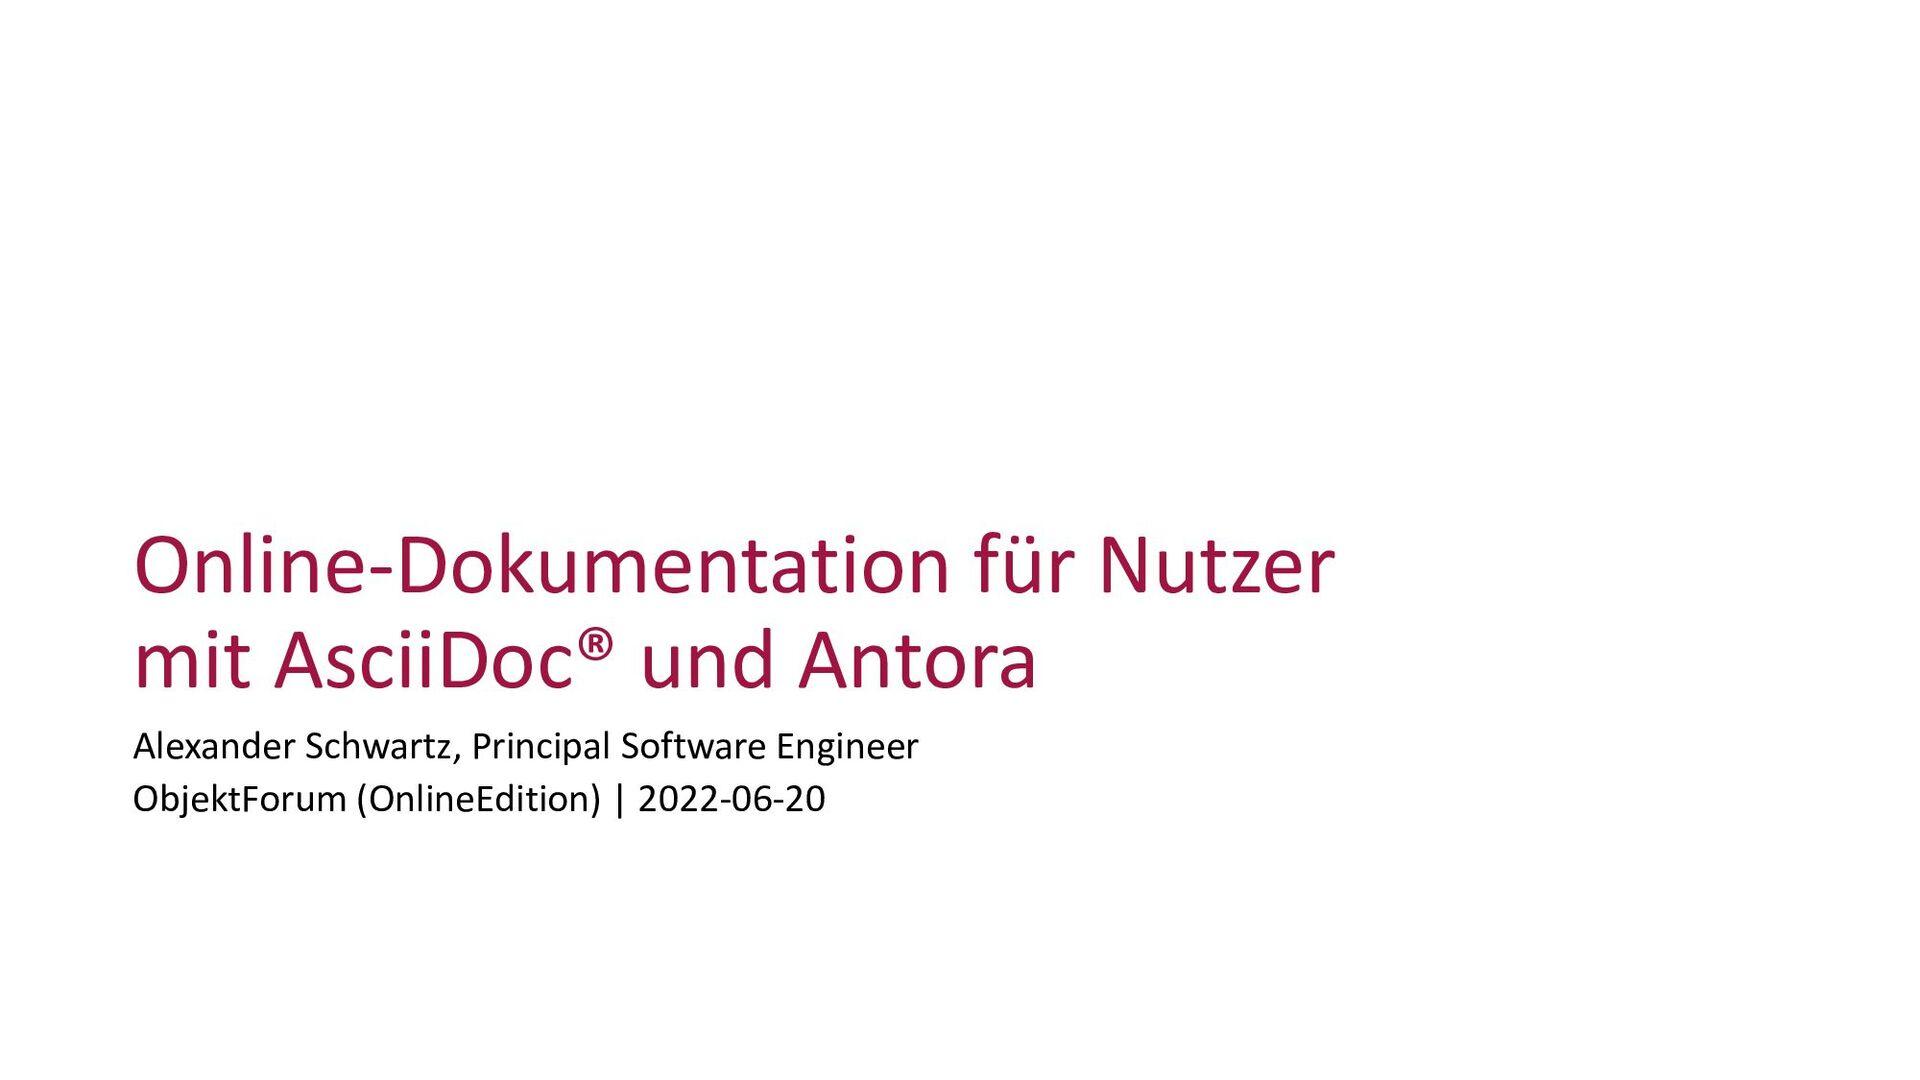 Online-Dokumentation für Nutzer mit AsciiDoc un...